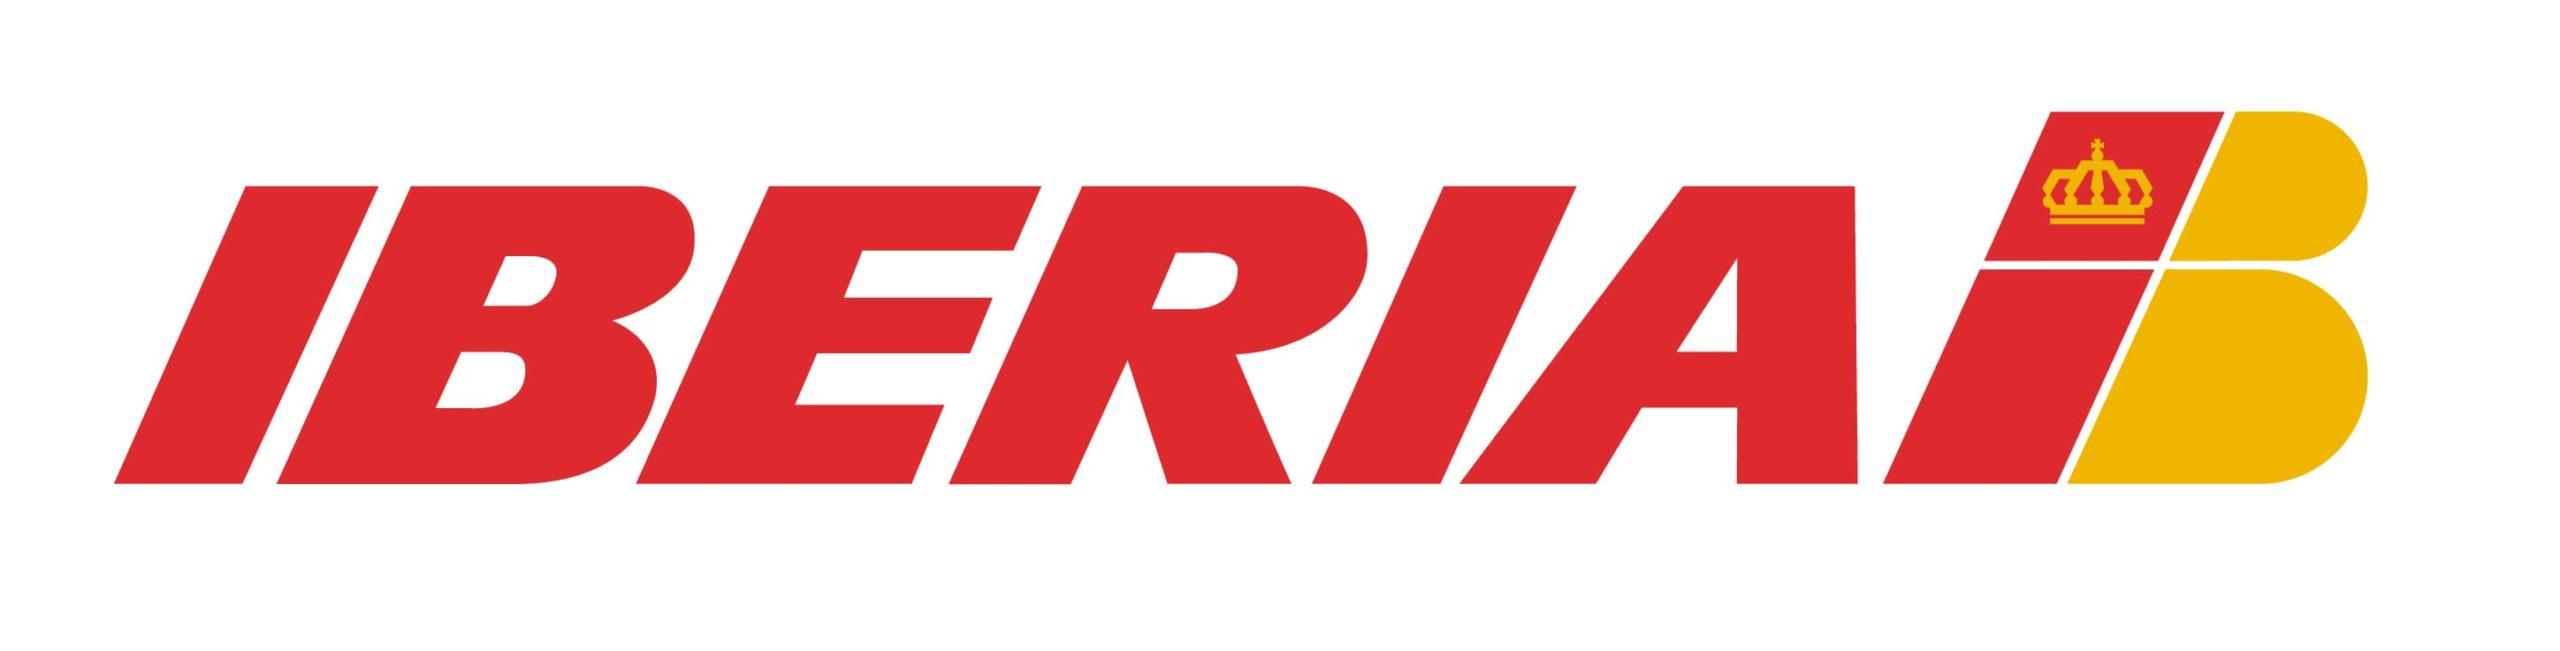 Iberia Company LOGO spain